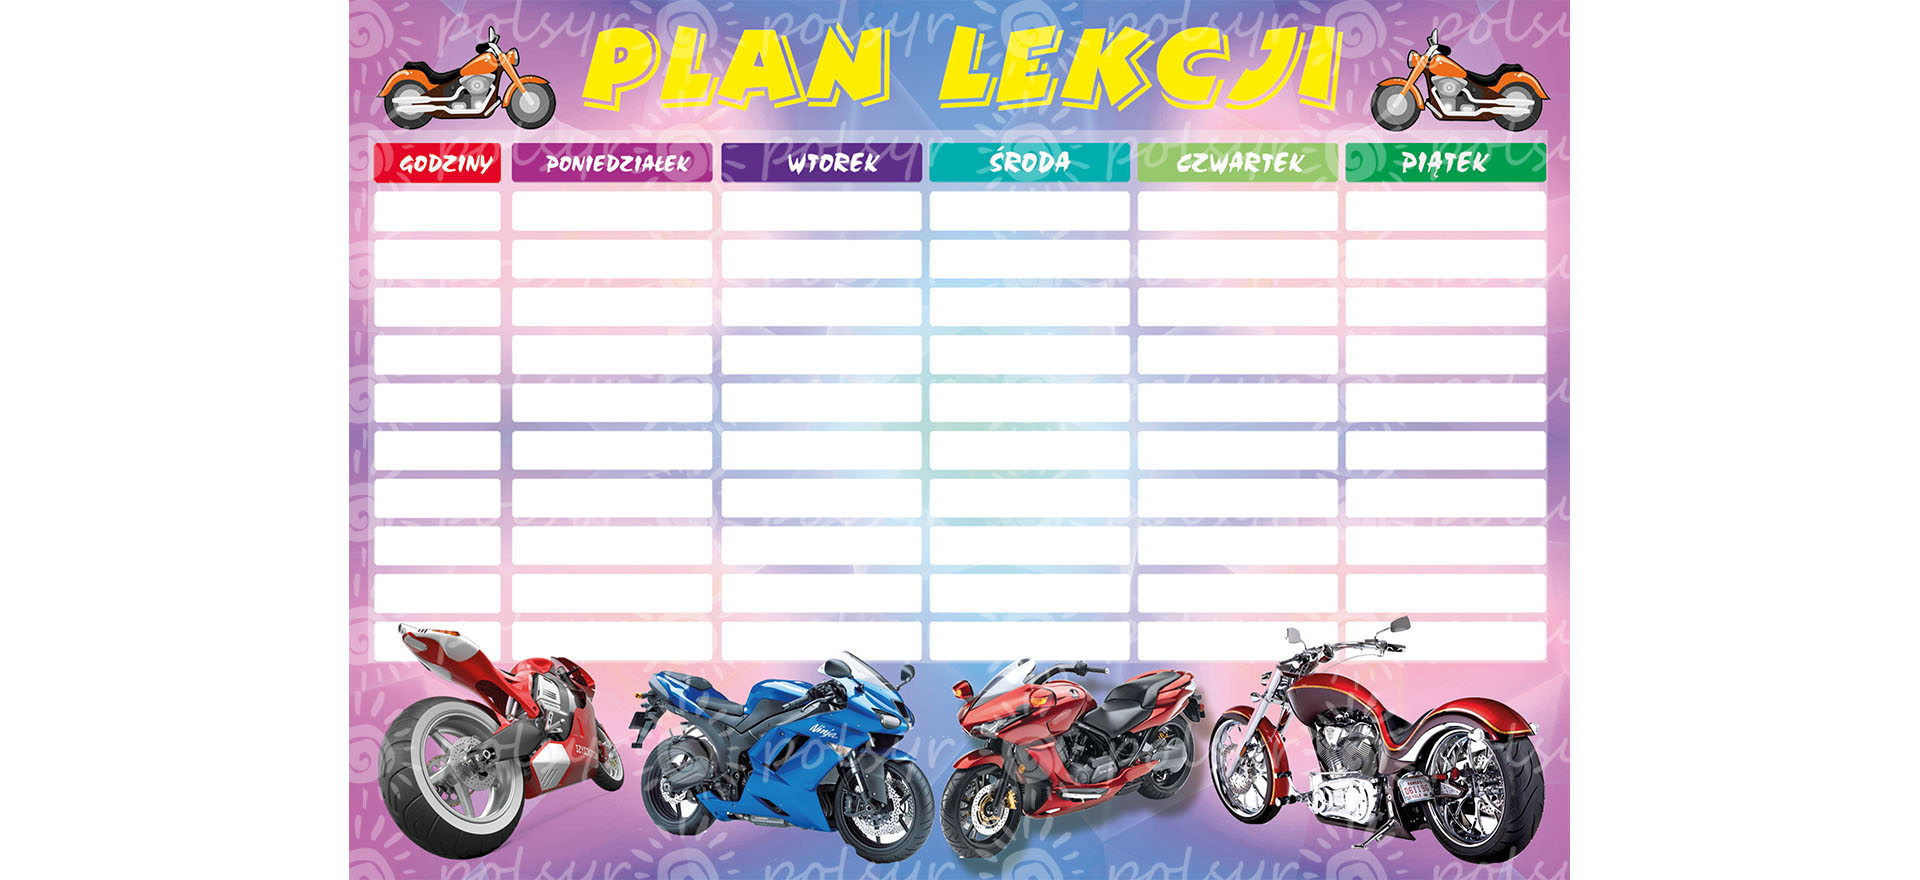 plan_lekcji-A5-polsyr-4